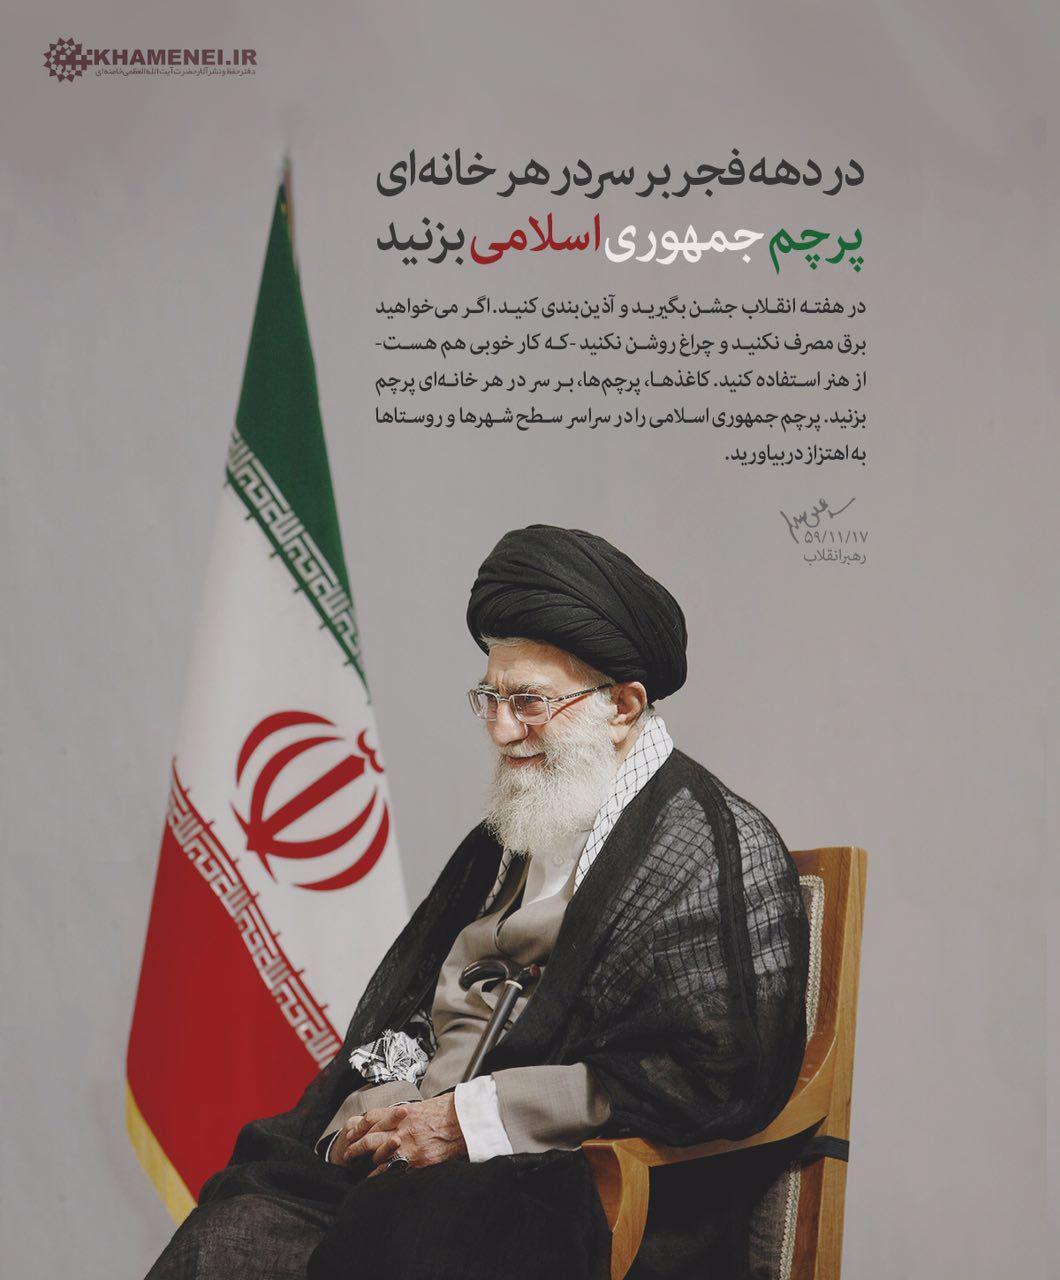 رهبرانقلاب: در دهه فجر بر سر در هر خانهای پرچم جمهوری اسلامی بزنید